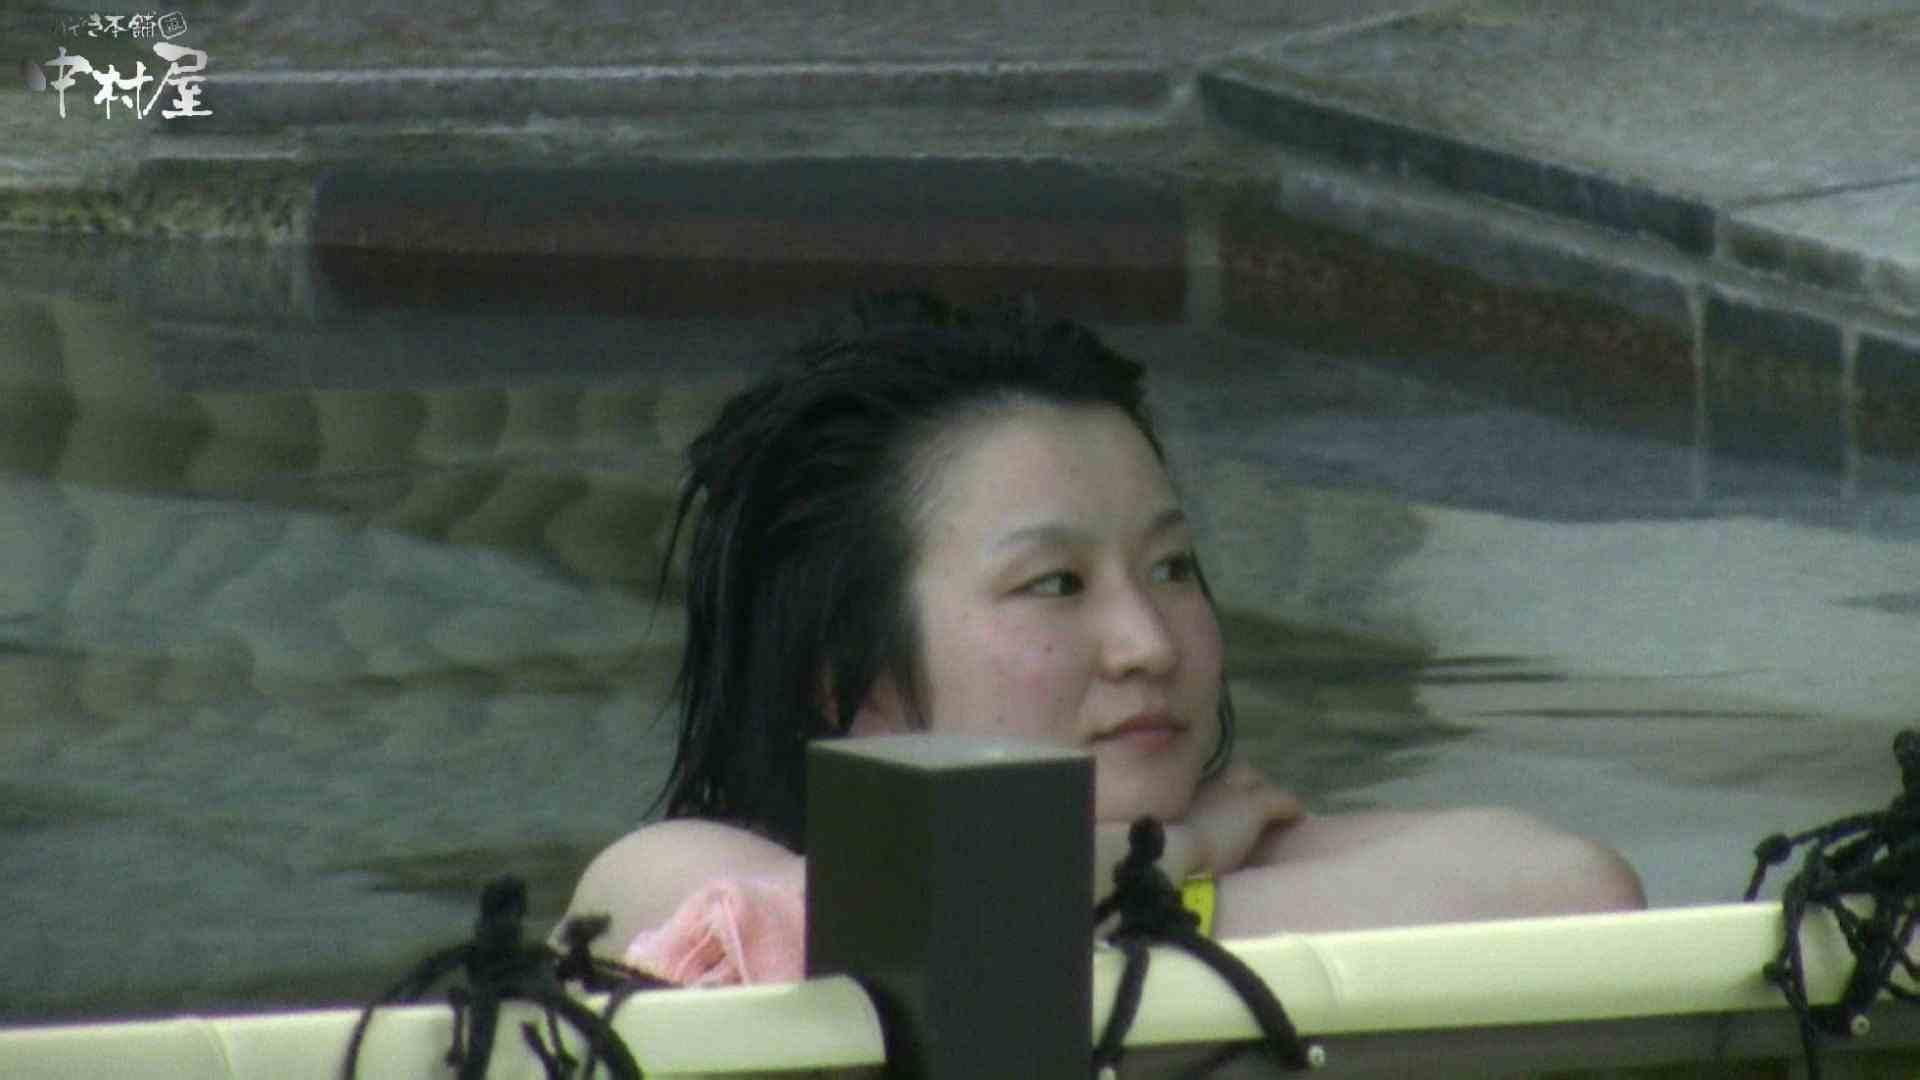 Aquaな露天風呂Vol.982 美しいOLの裸体  78pic 66